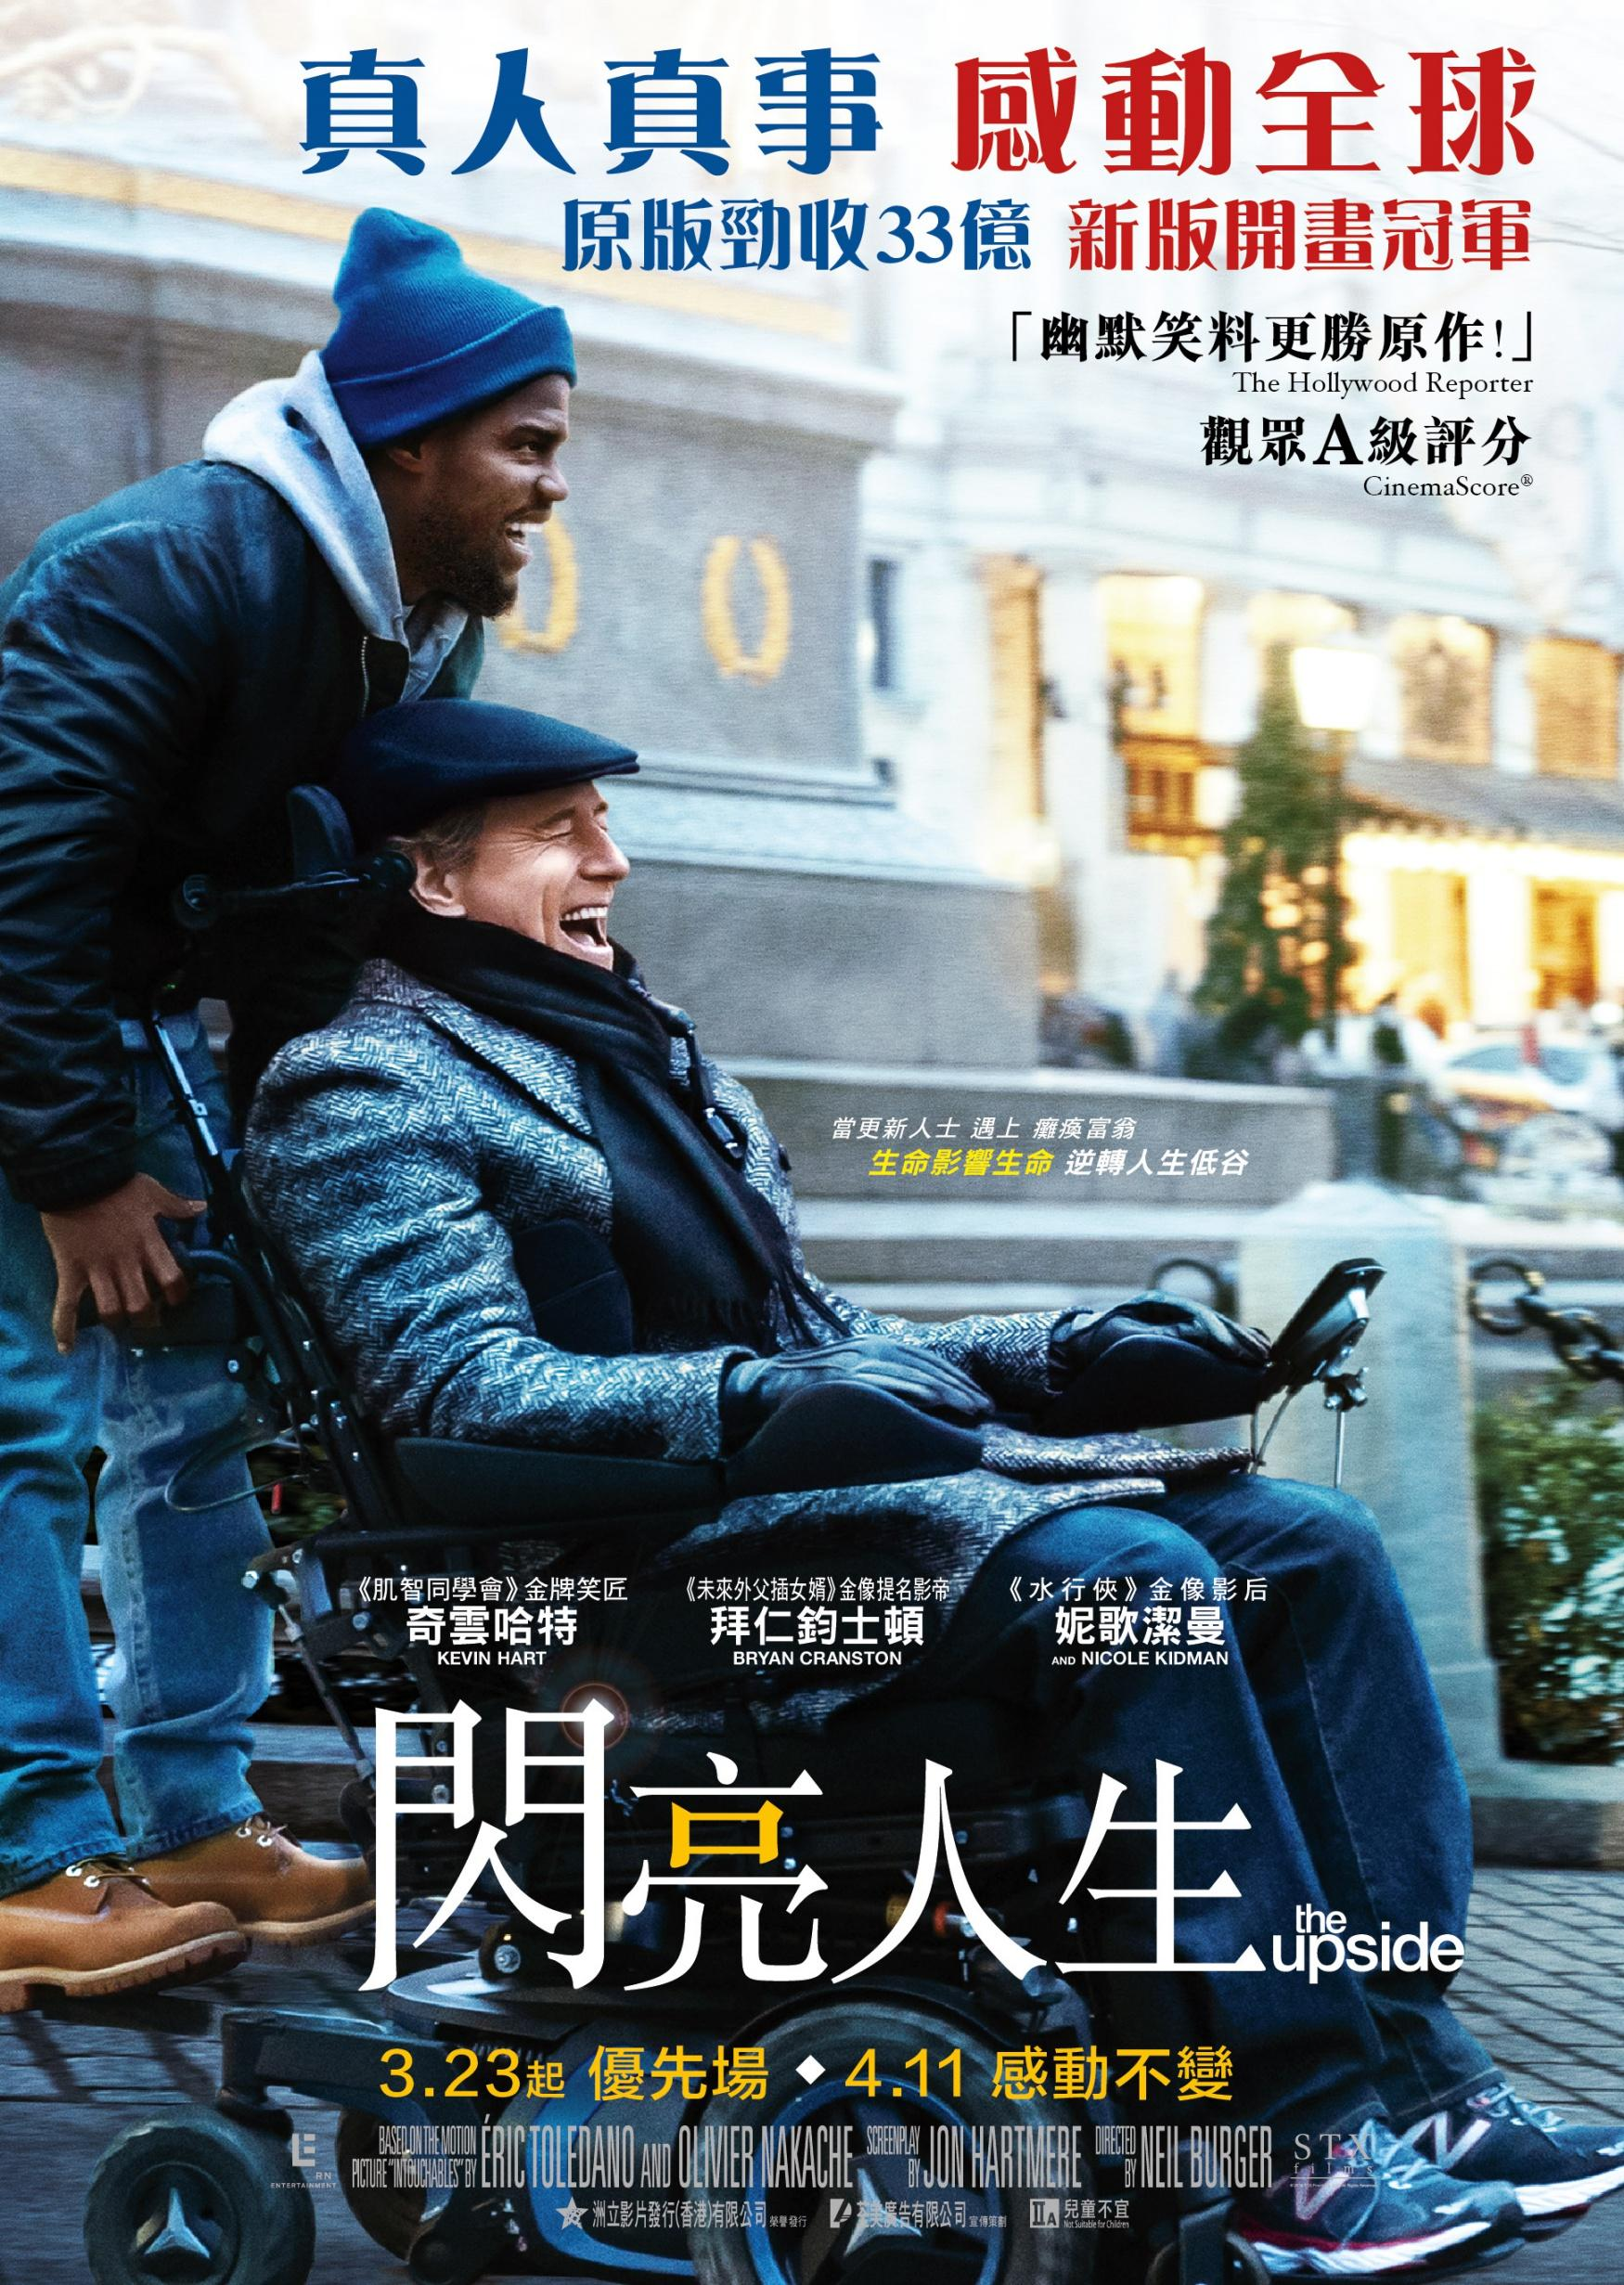 美版触不可及/闪亮人生 The Upside (2017)百度云迅雷下载